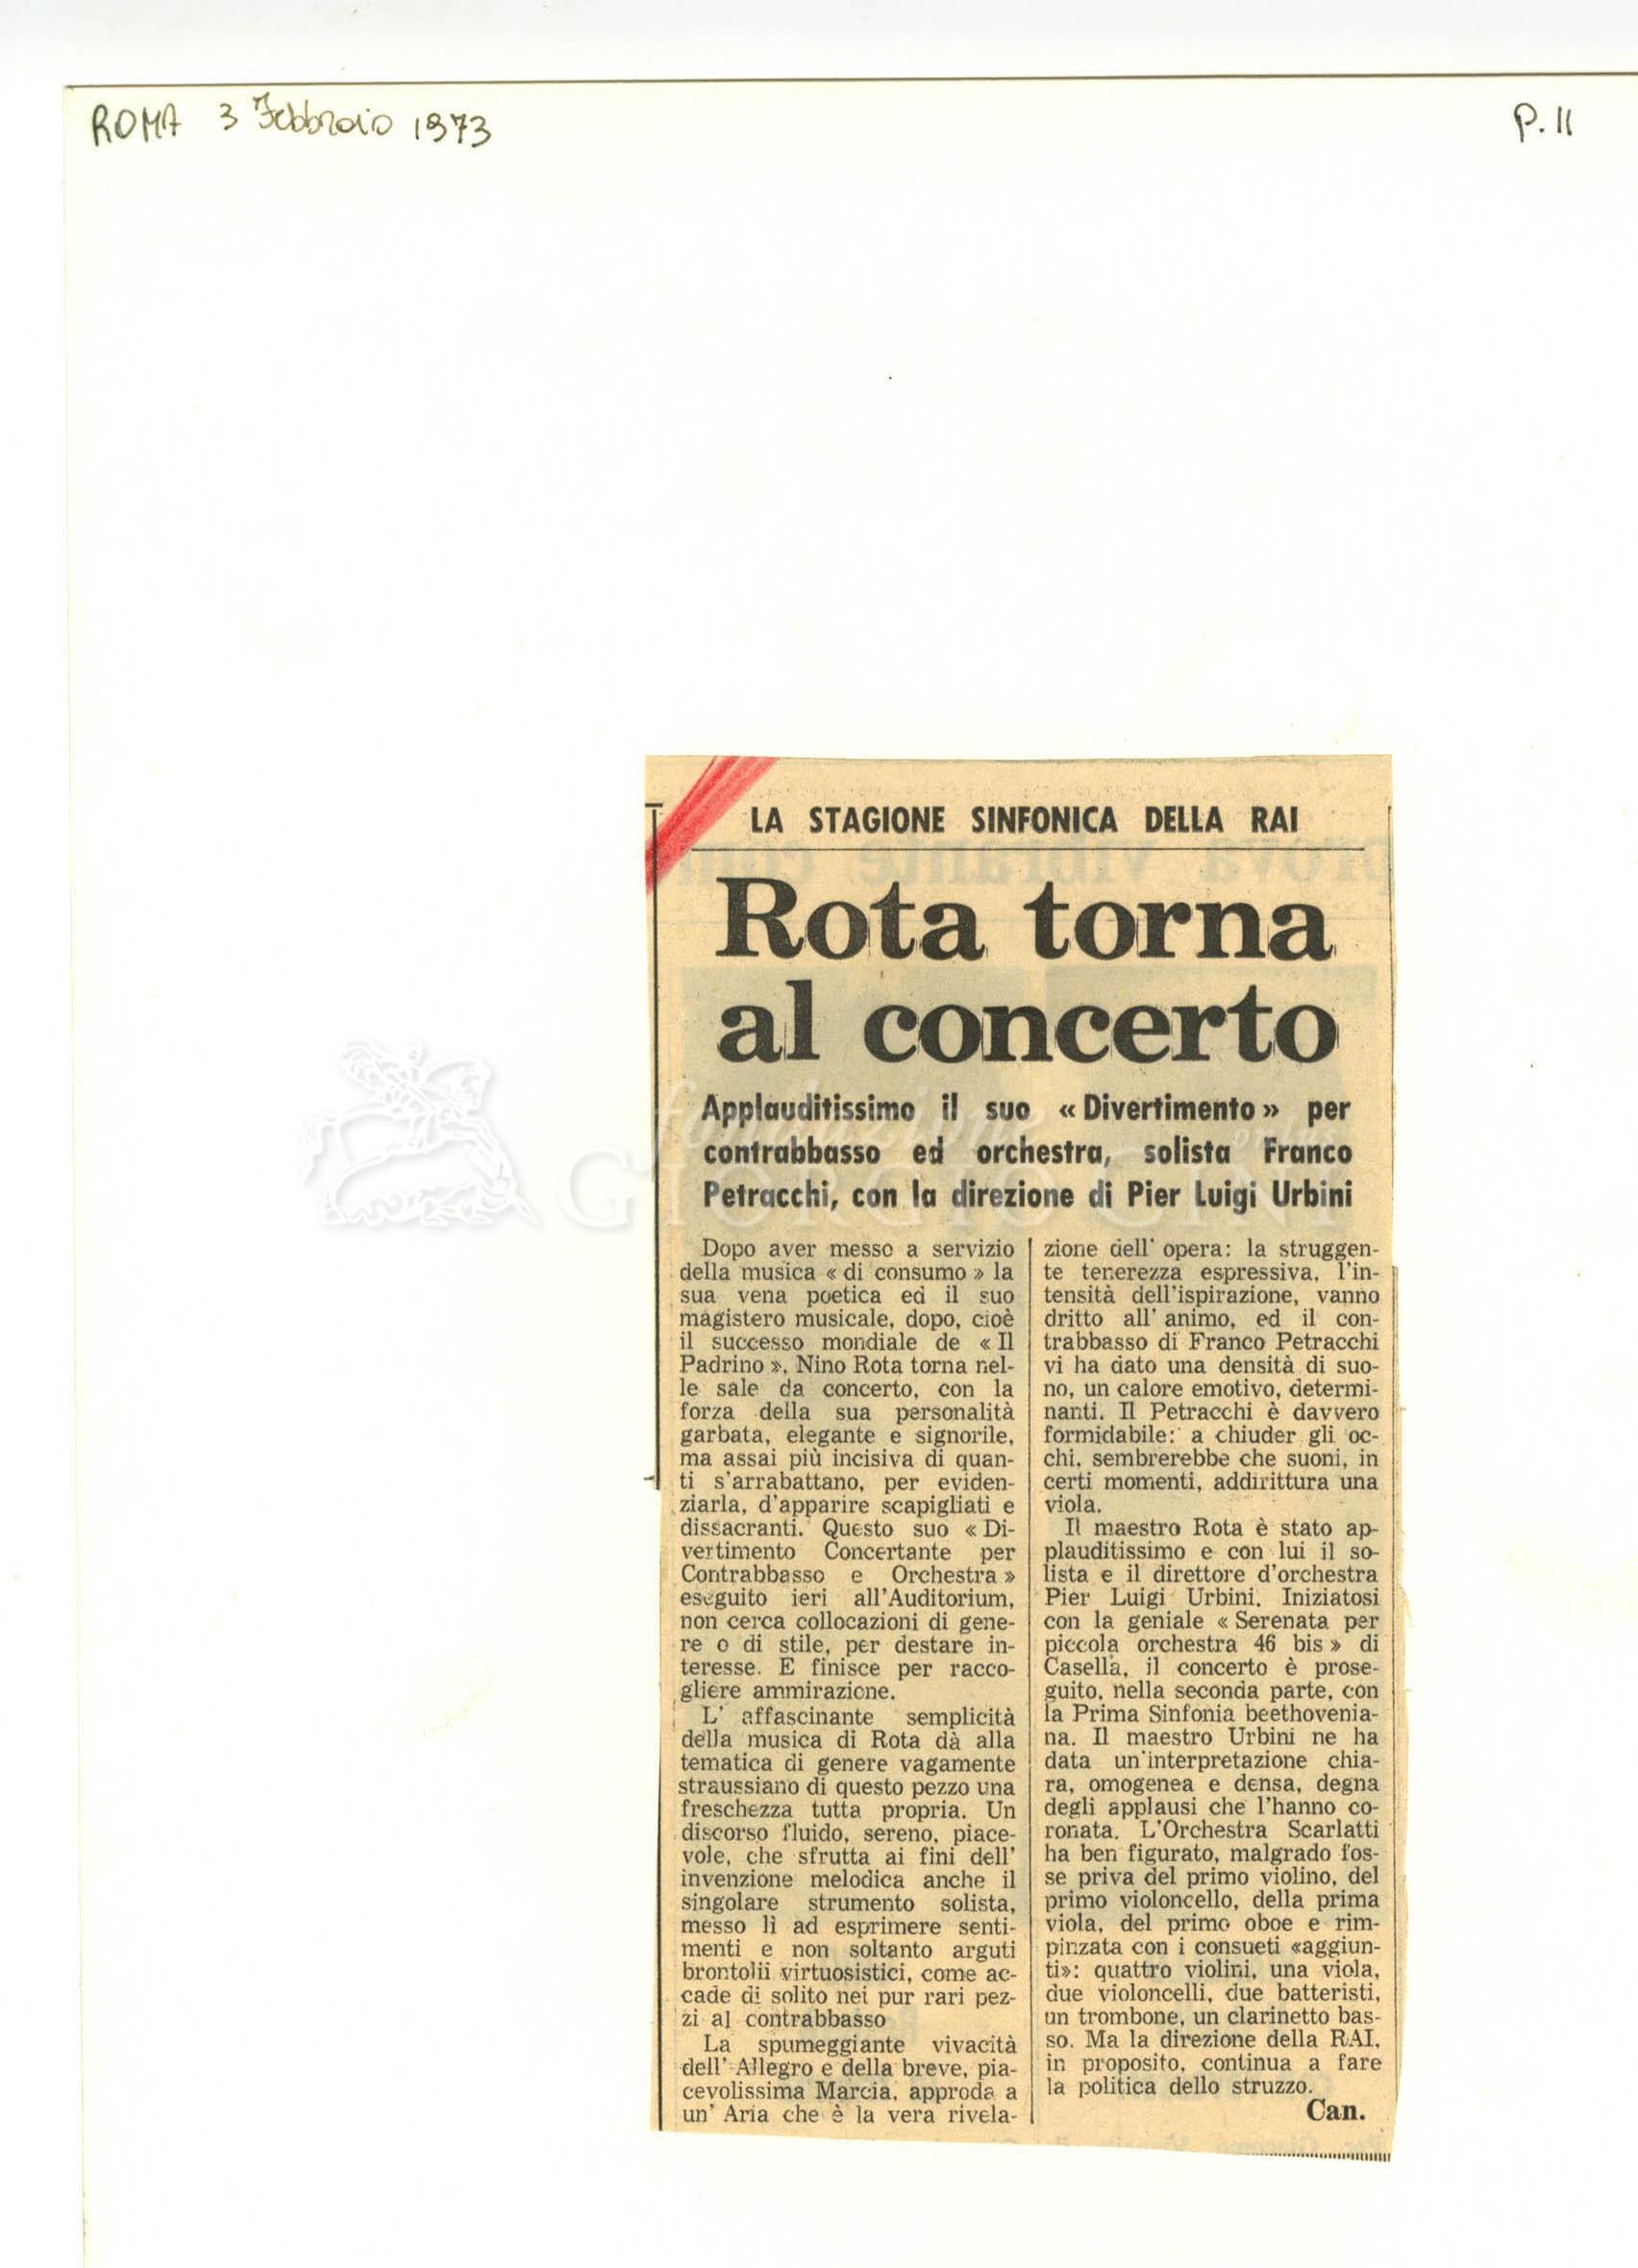 Rota torna al concerto  : Applauditissomo il suo 'Divertimento' per contrabbasso ed orchestra, solista Franco Petracchi, con la direzione di Pier Luigi Urbini 03 febbraio 1973